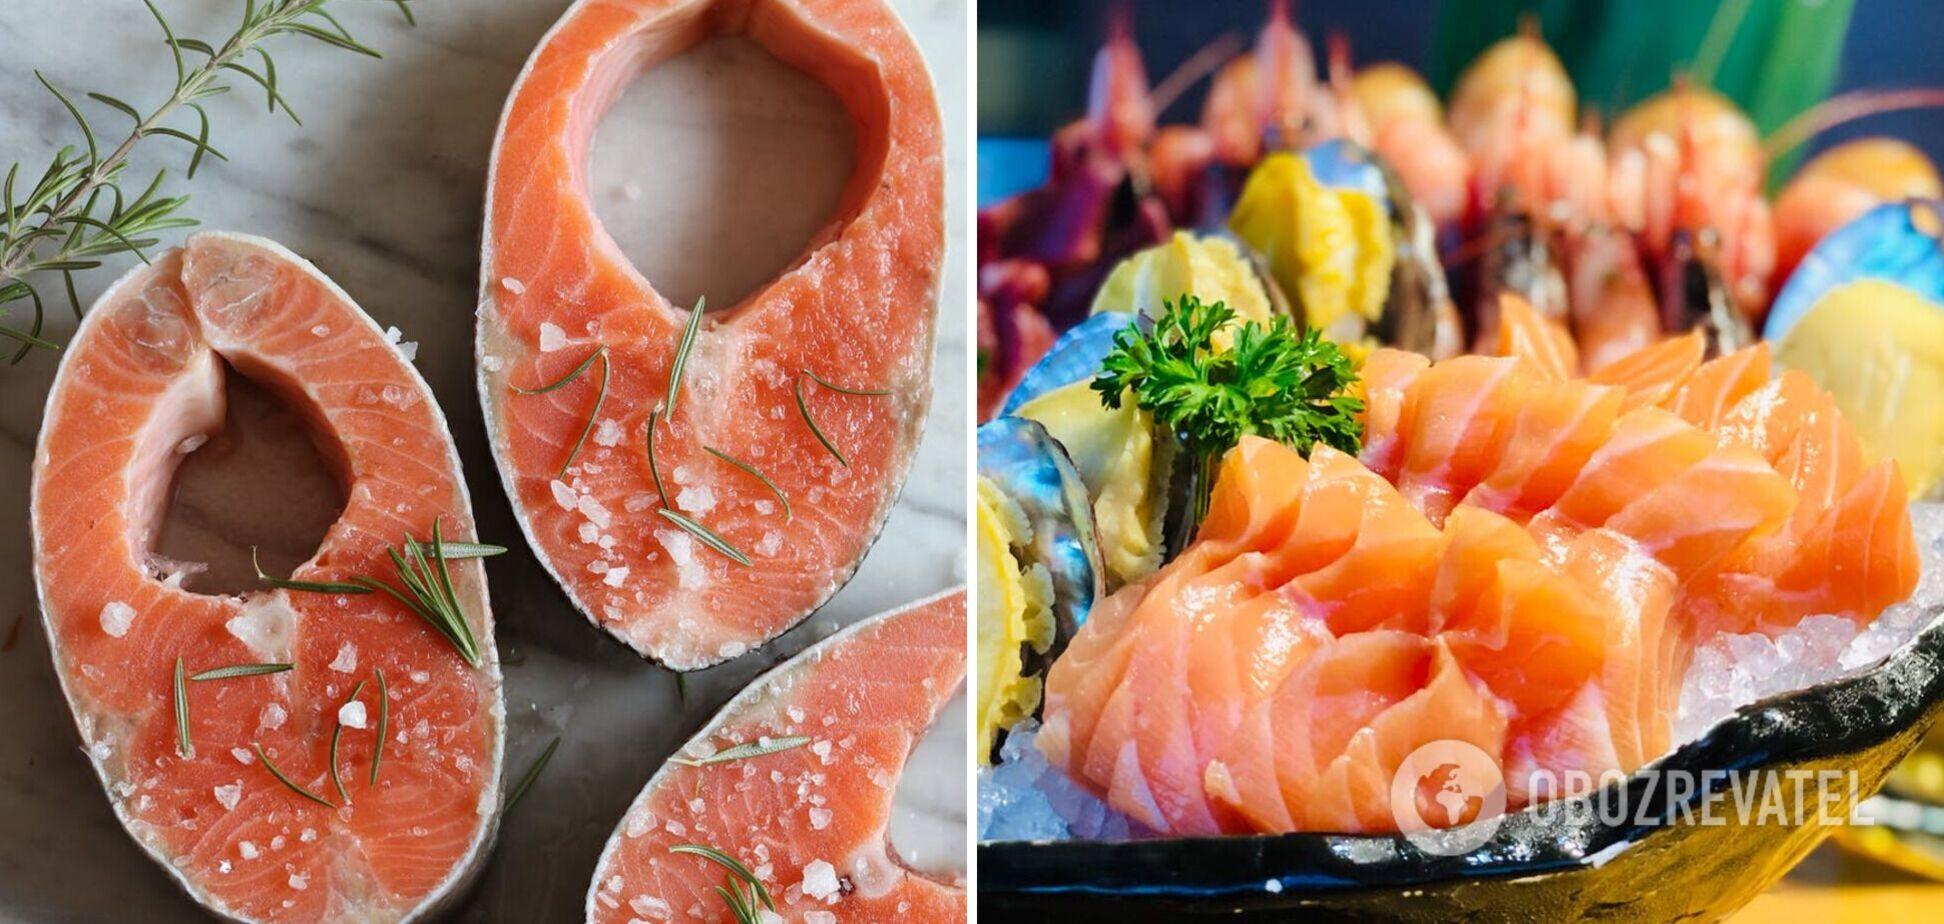 Як швидко засолити червону рибу вдома: їсти можна вже через 2 години